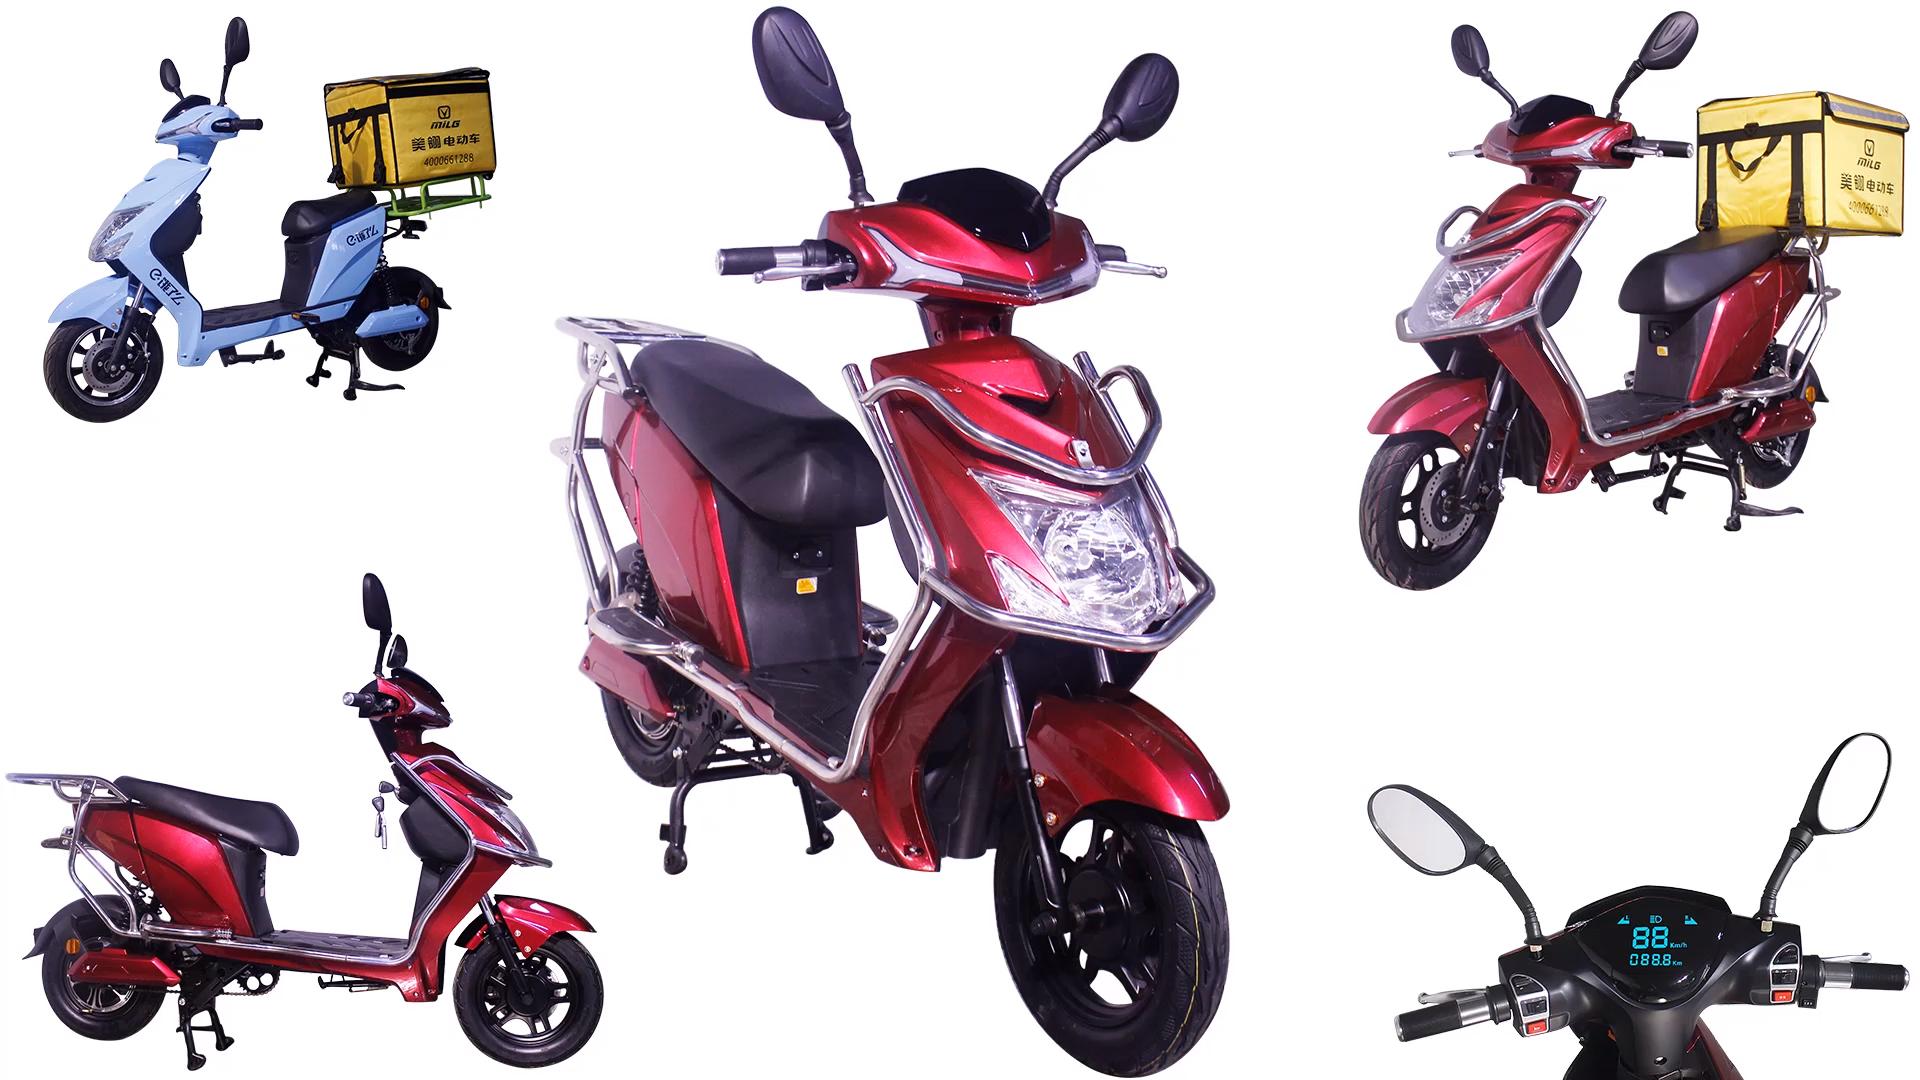 सस्ते 350W-500w उच्च गुणवत्ता वाले बिजली बाइक 48V60V 20AH बिजली साइकिल वयस्क गति 25-50km/एच बिजली की मोटर साइकिल